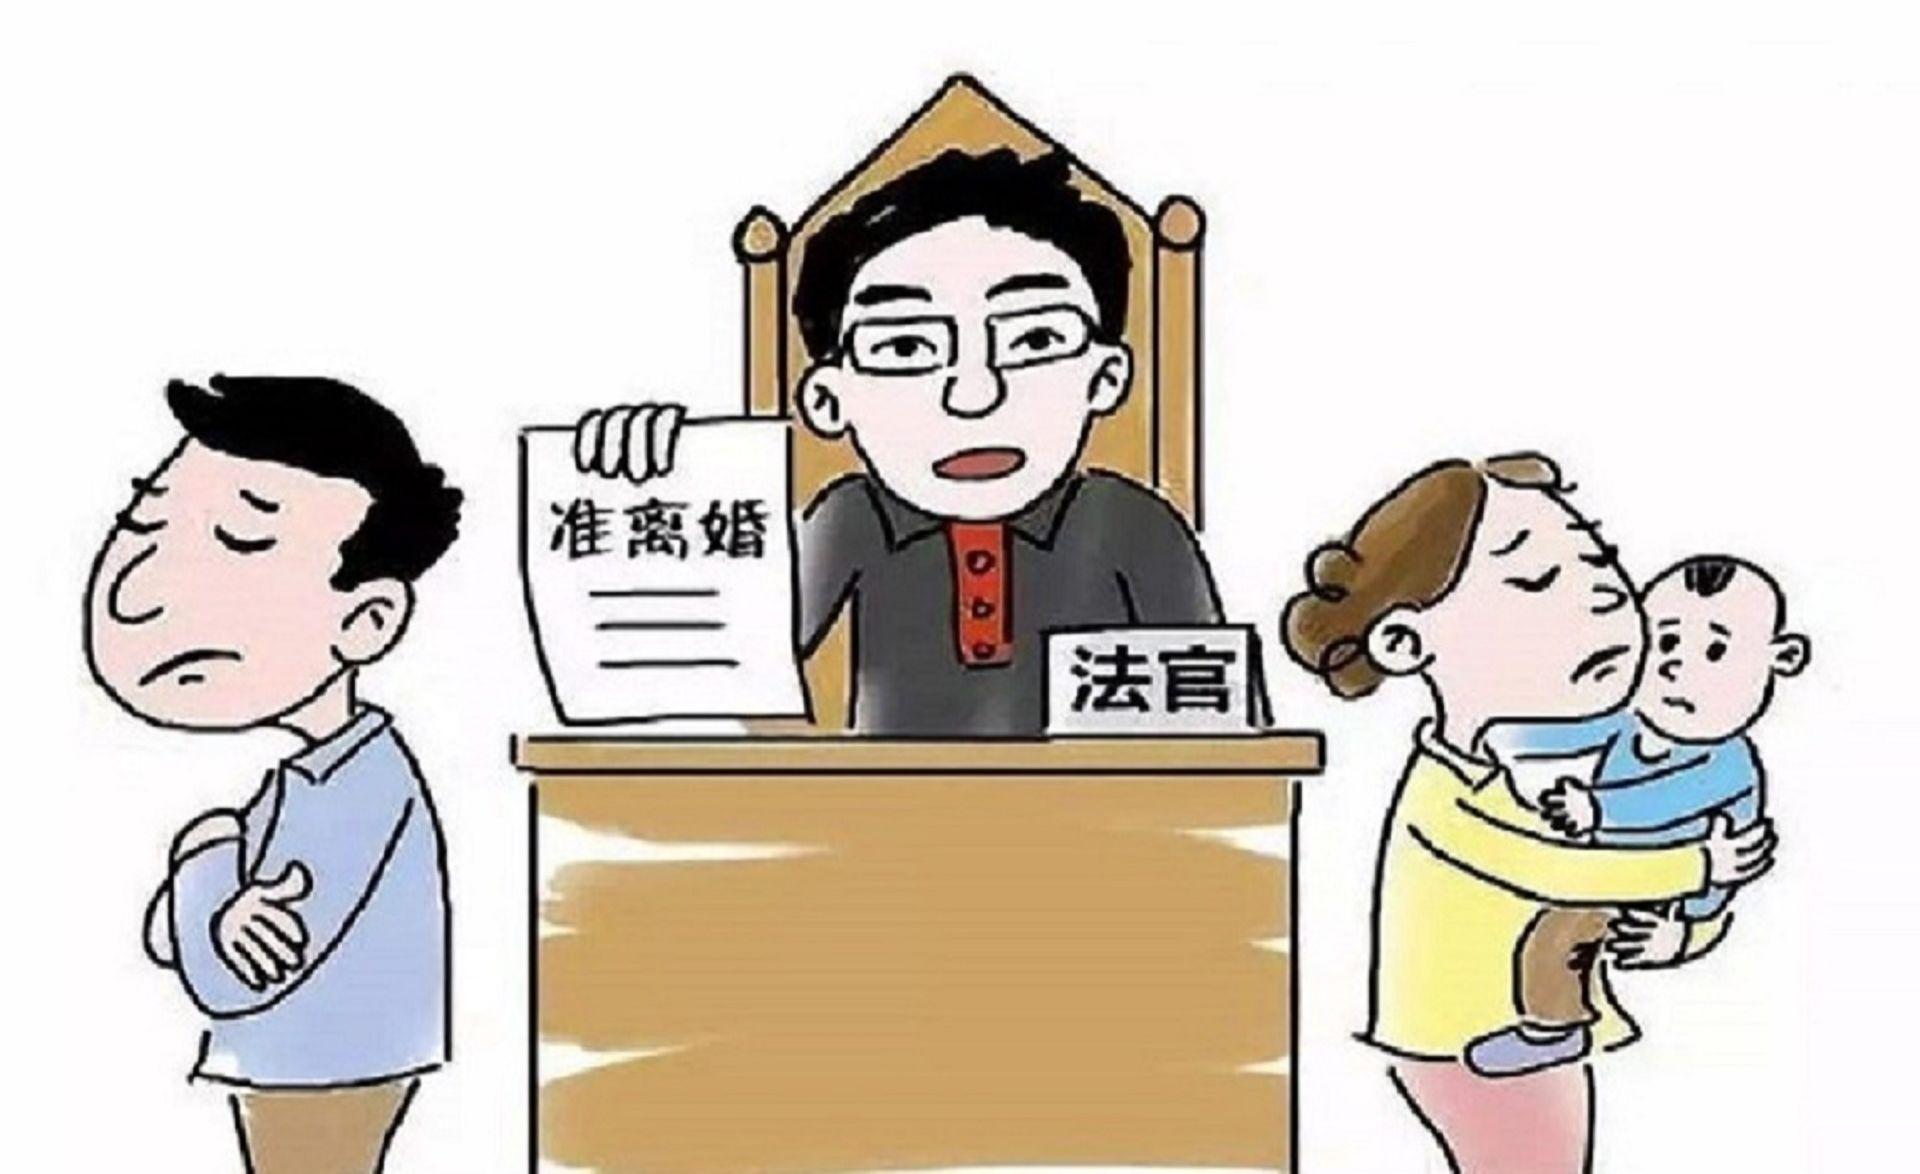 老公 精神出轨 离婚_老婆出轨老公不离婚怎么办_老公出轨起诉离婚